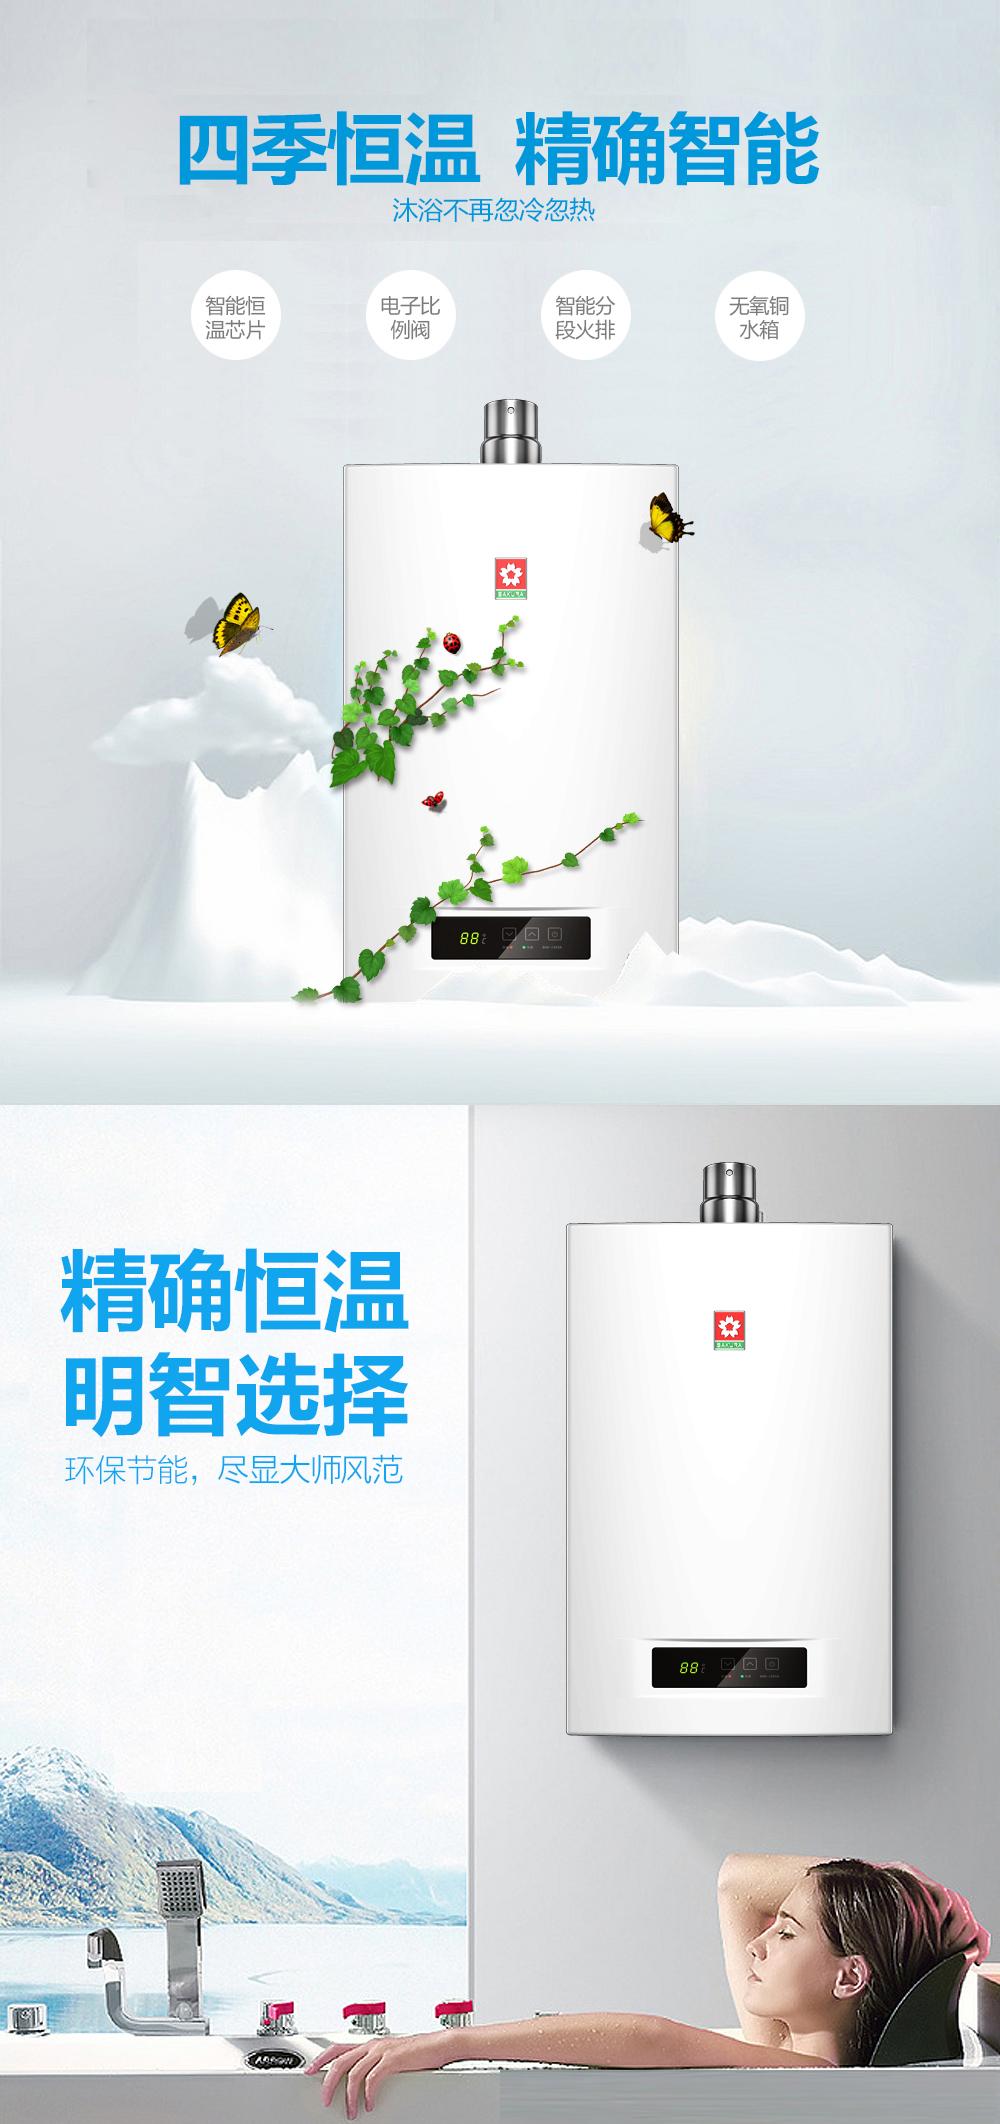 樱花燃气热水器 - 乐享恒温